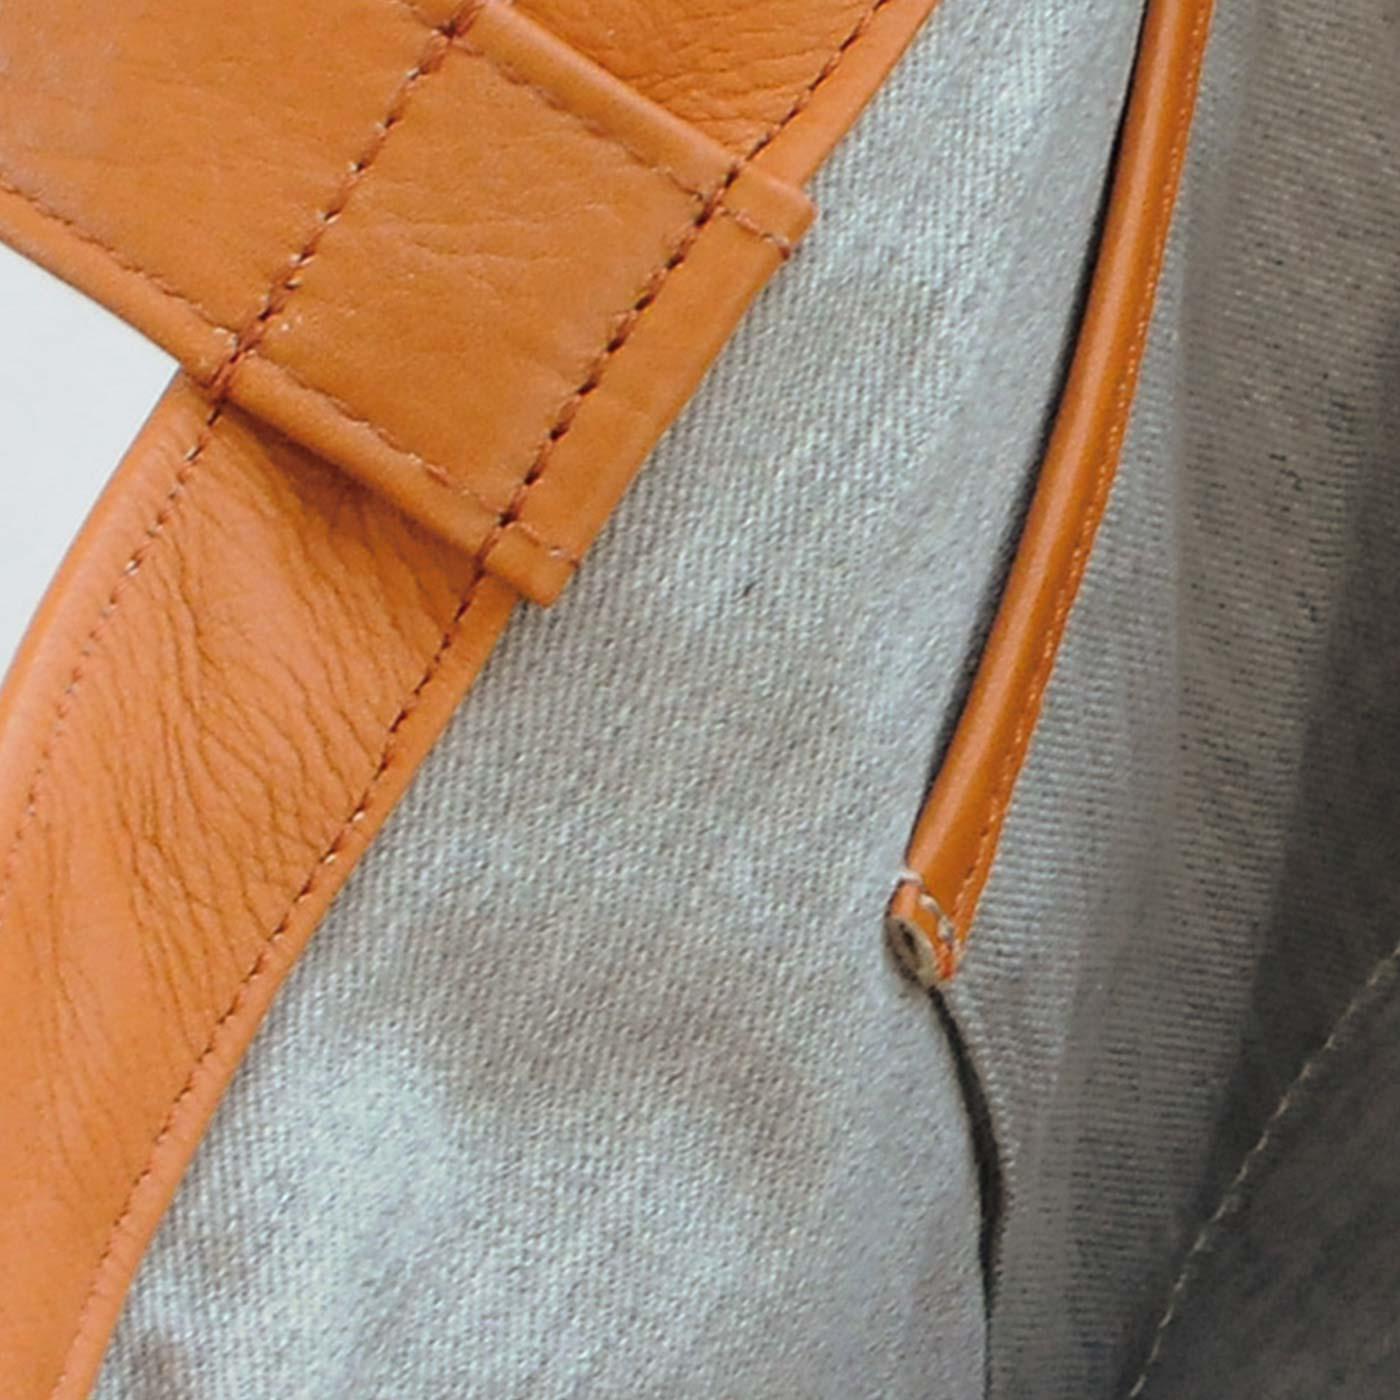 内生地は杢(もく)グレイの綿素材。